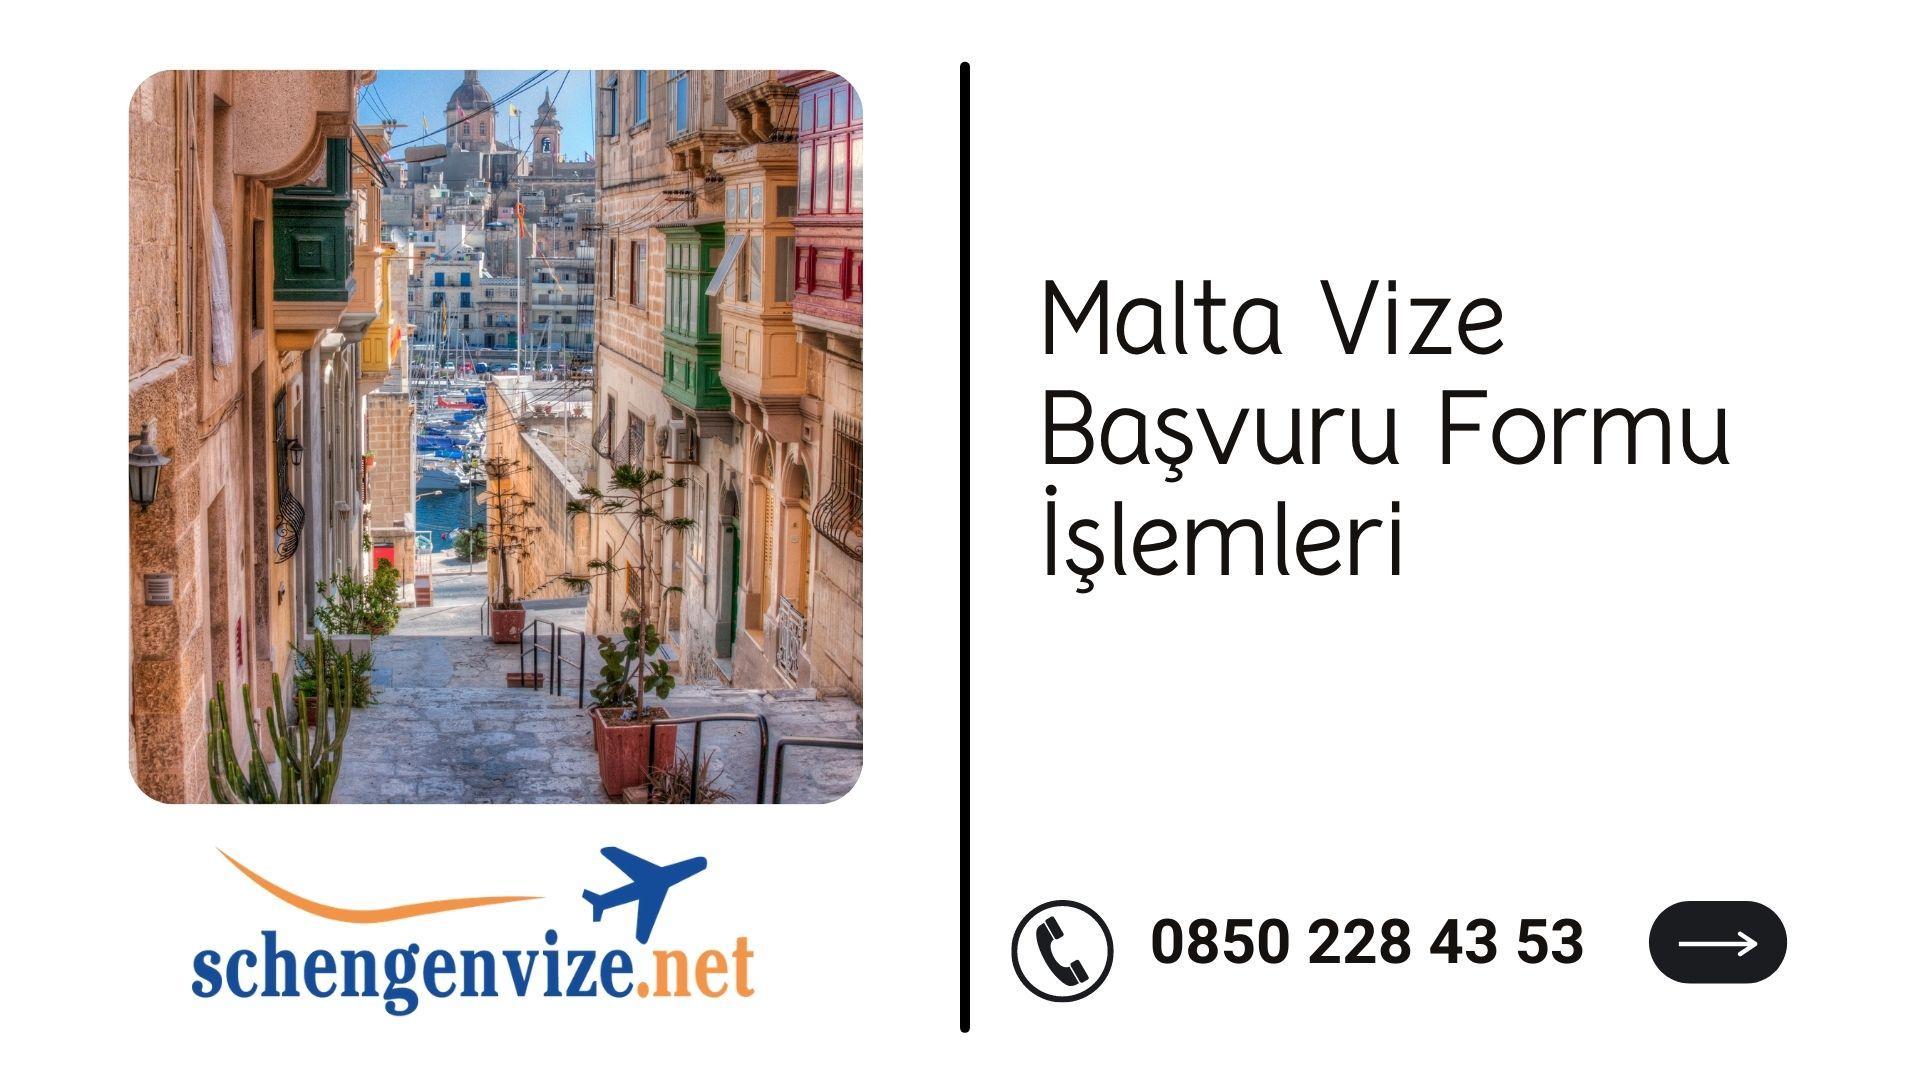 Malta Vize Başvuru Formu İşlemleri